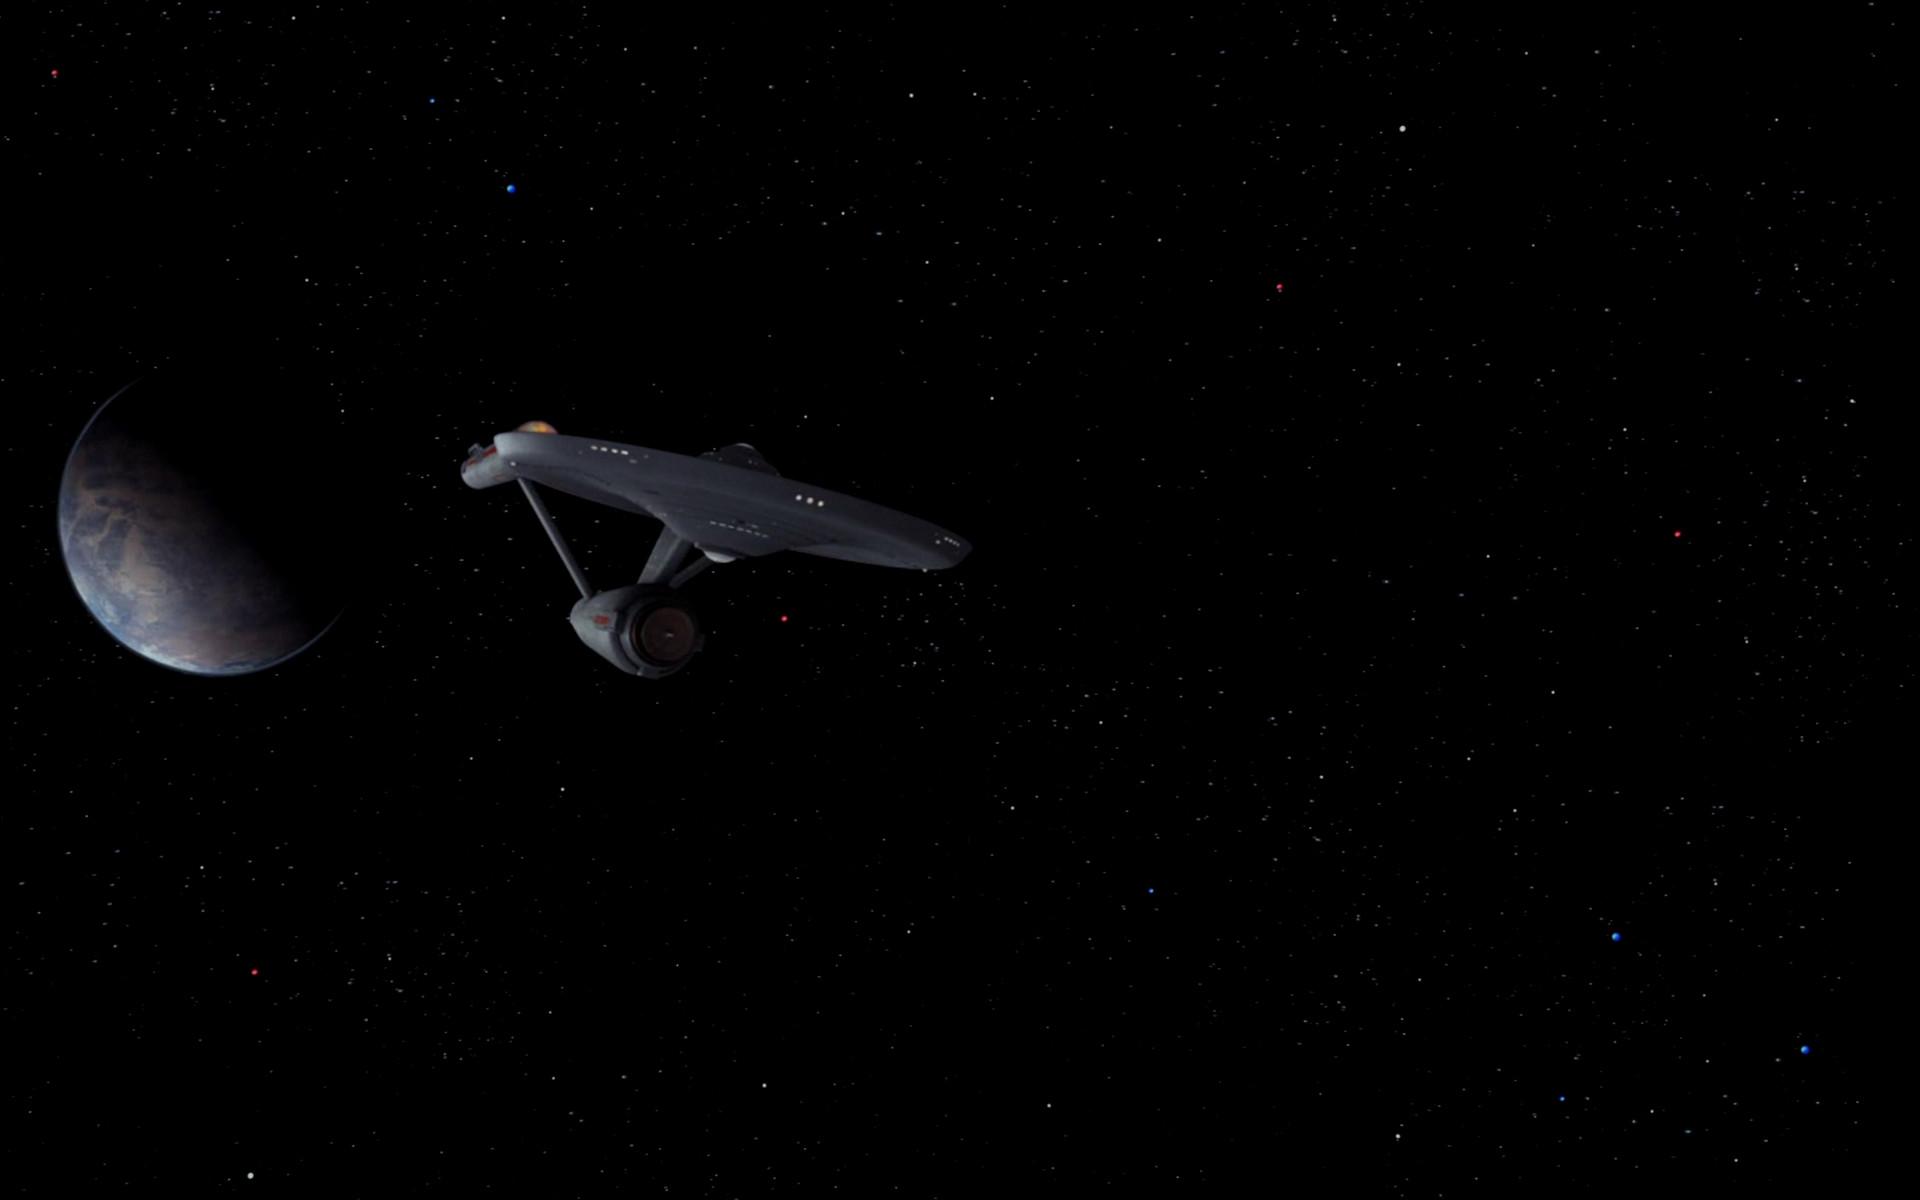 Star Trek Original Series Wallpaper – Bing images